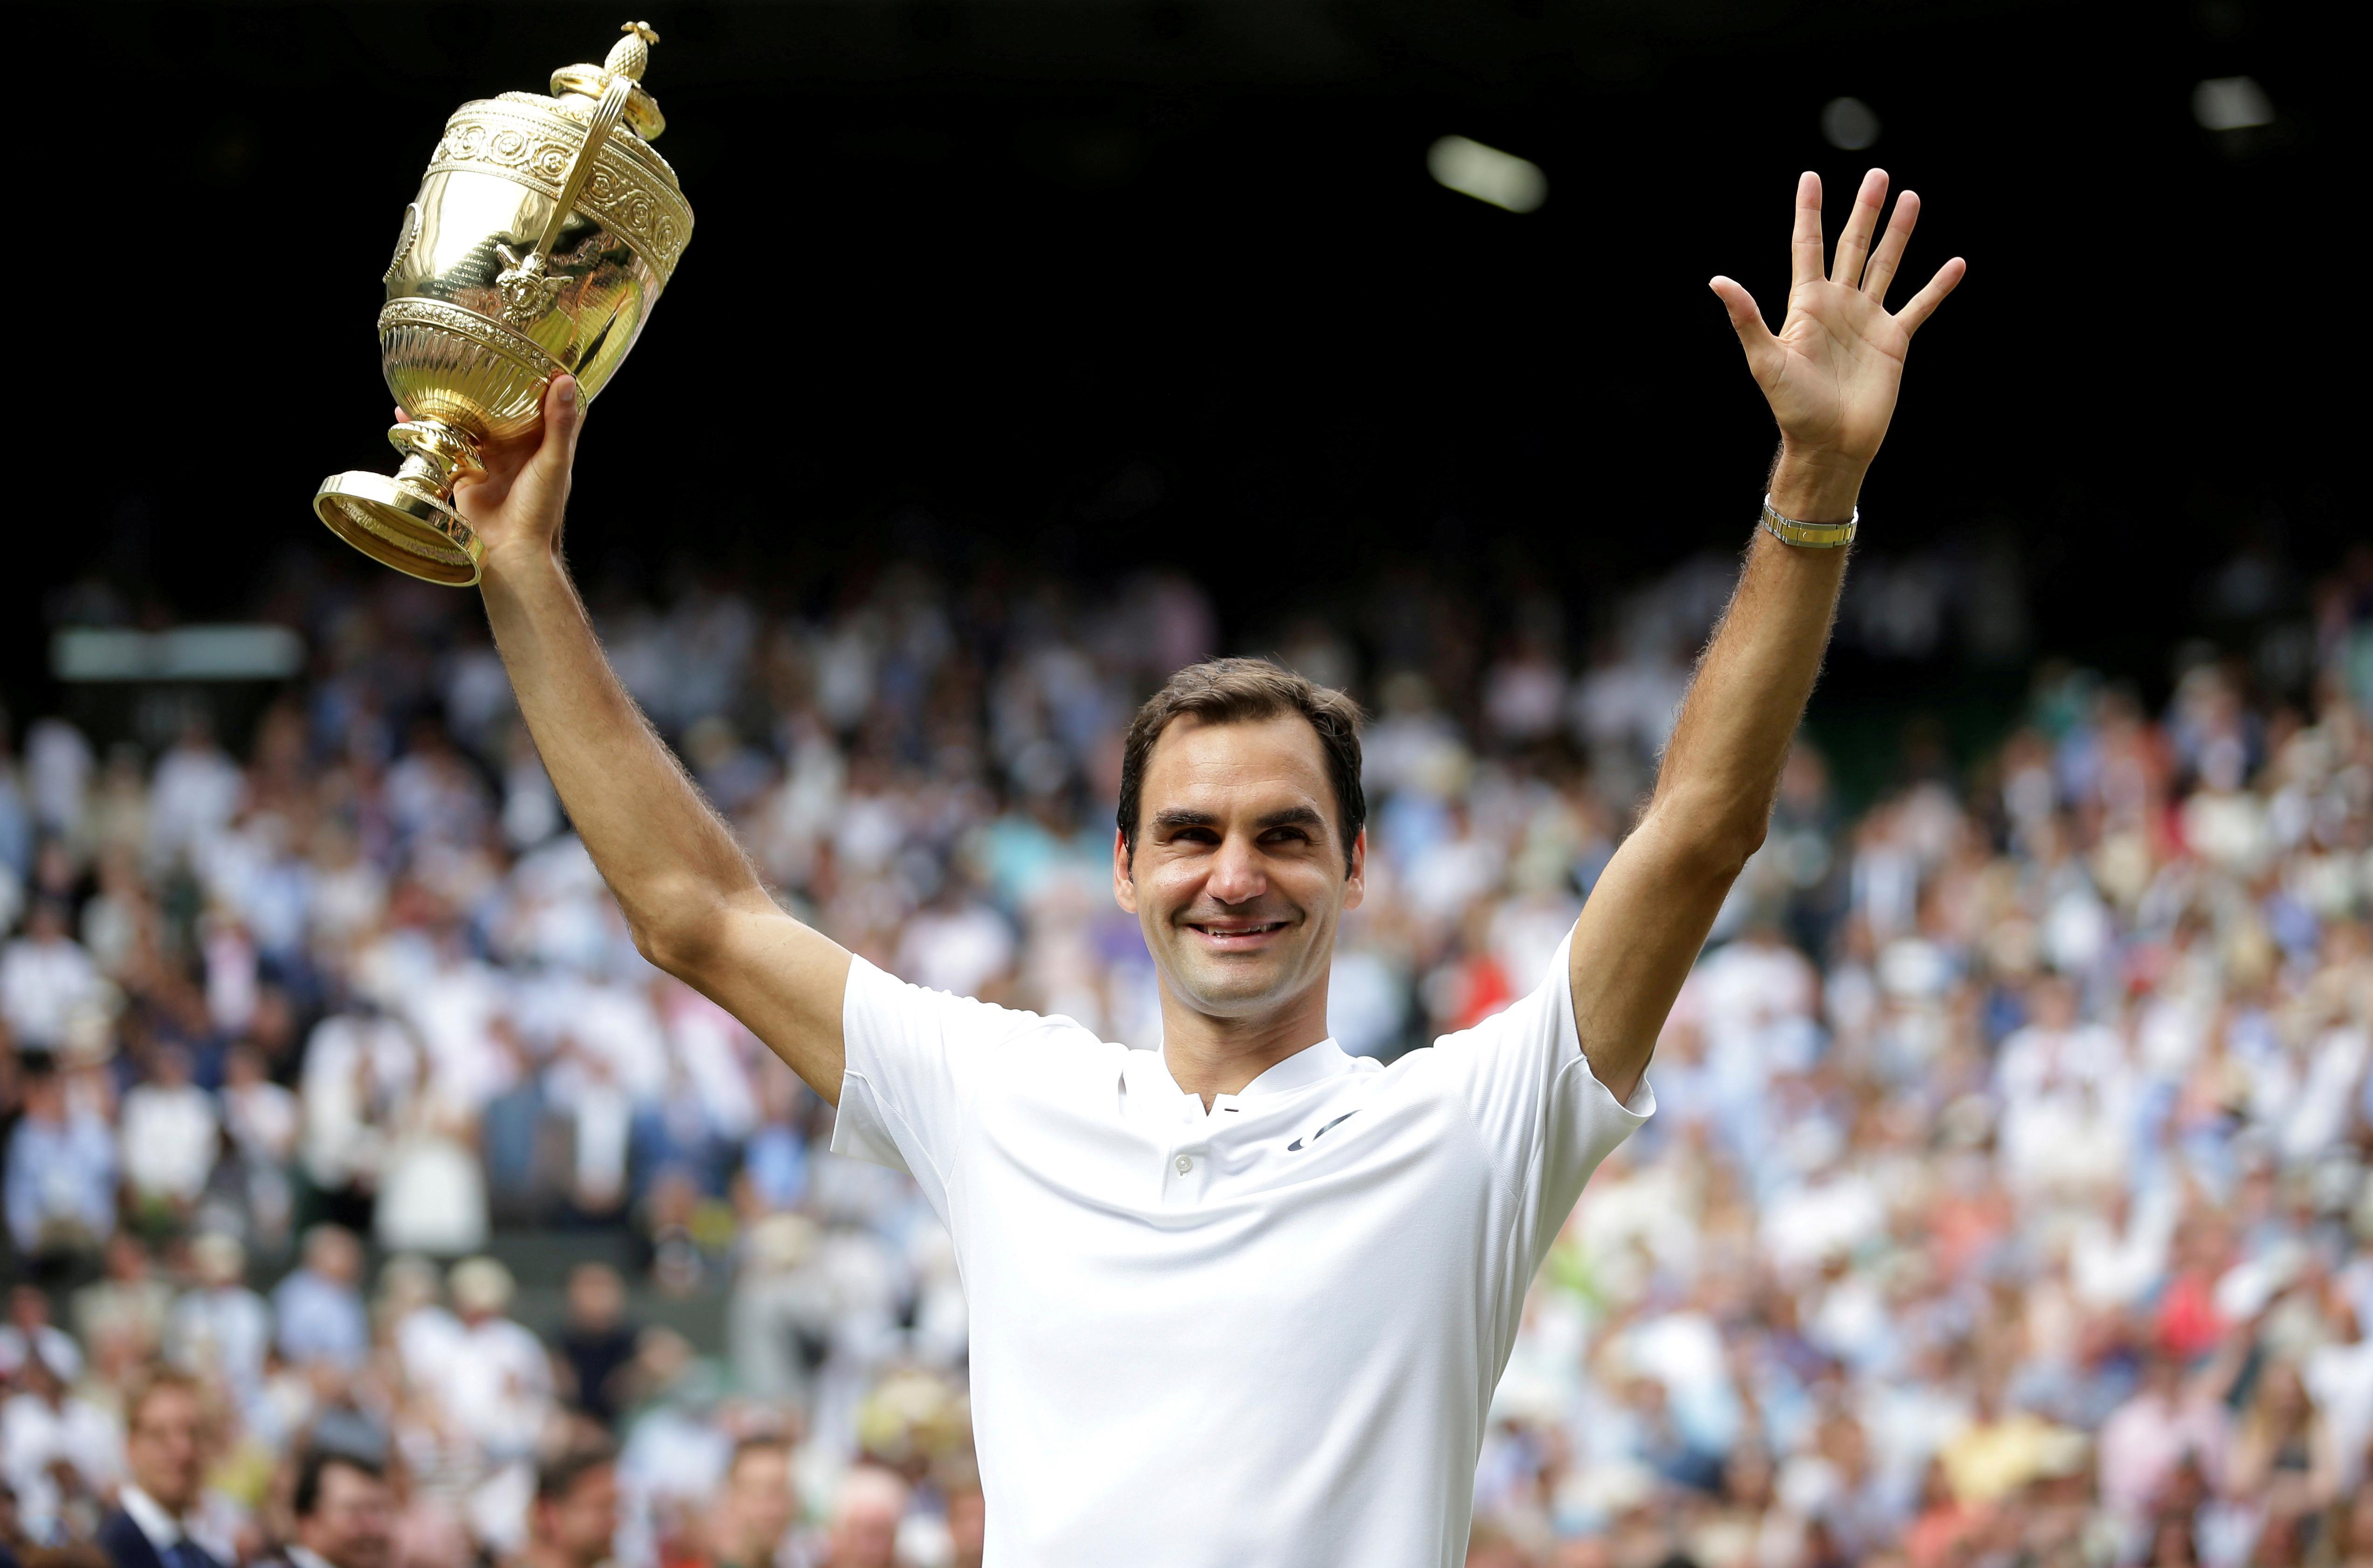 Factbox: Liste des champions du simple messieurs de Wimbledon